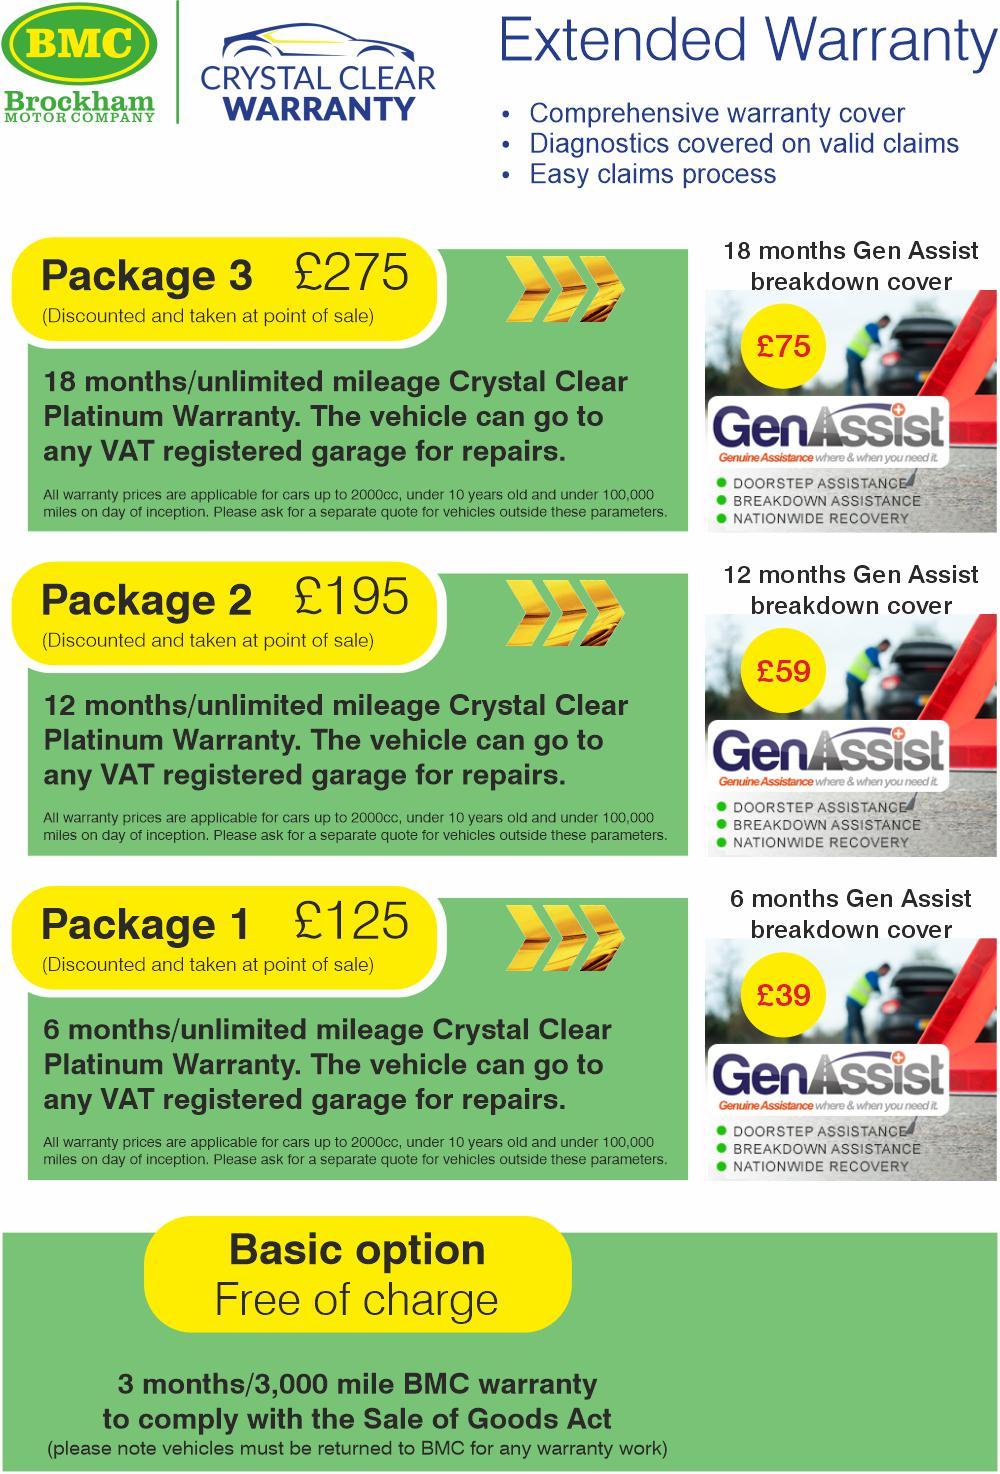 BMC Crystal Clear Warranty